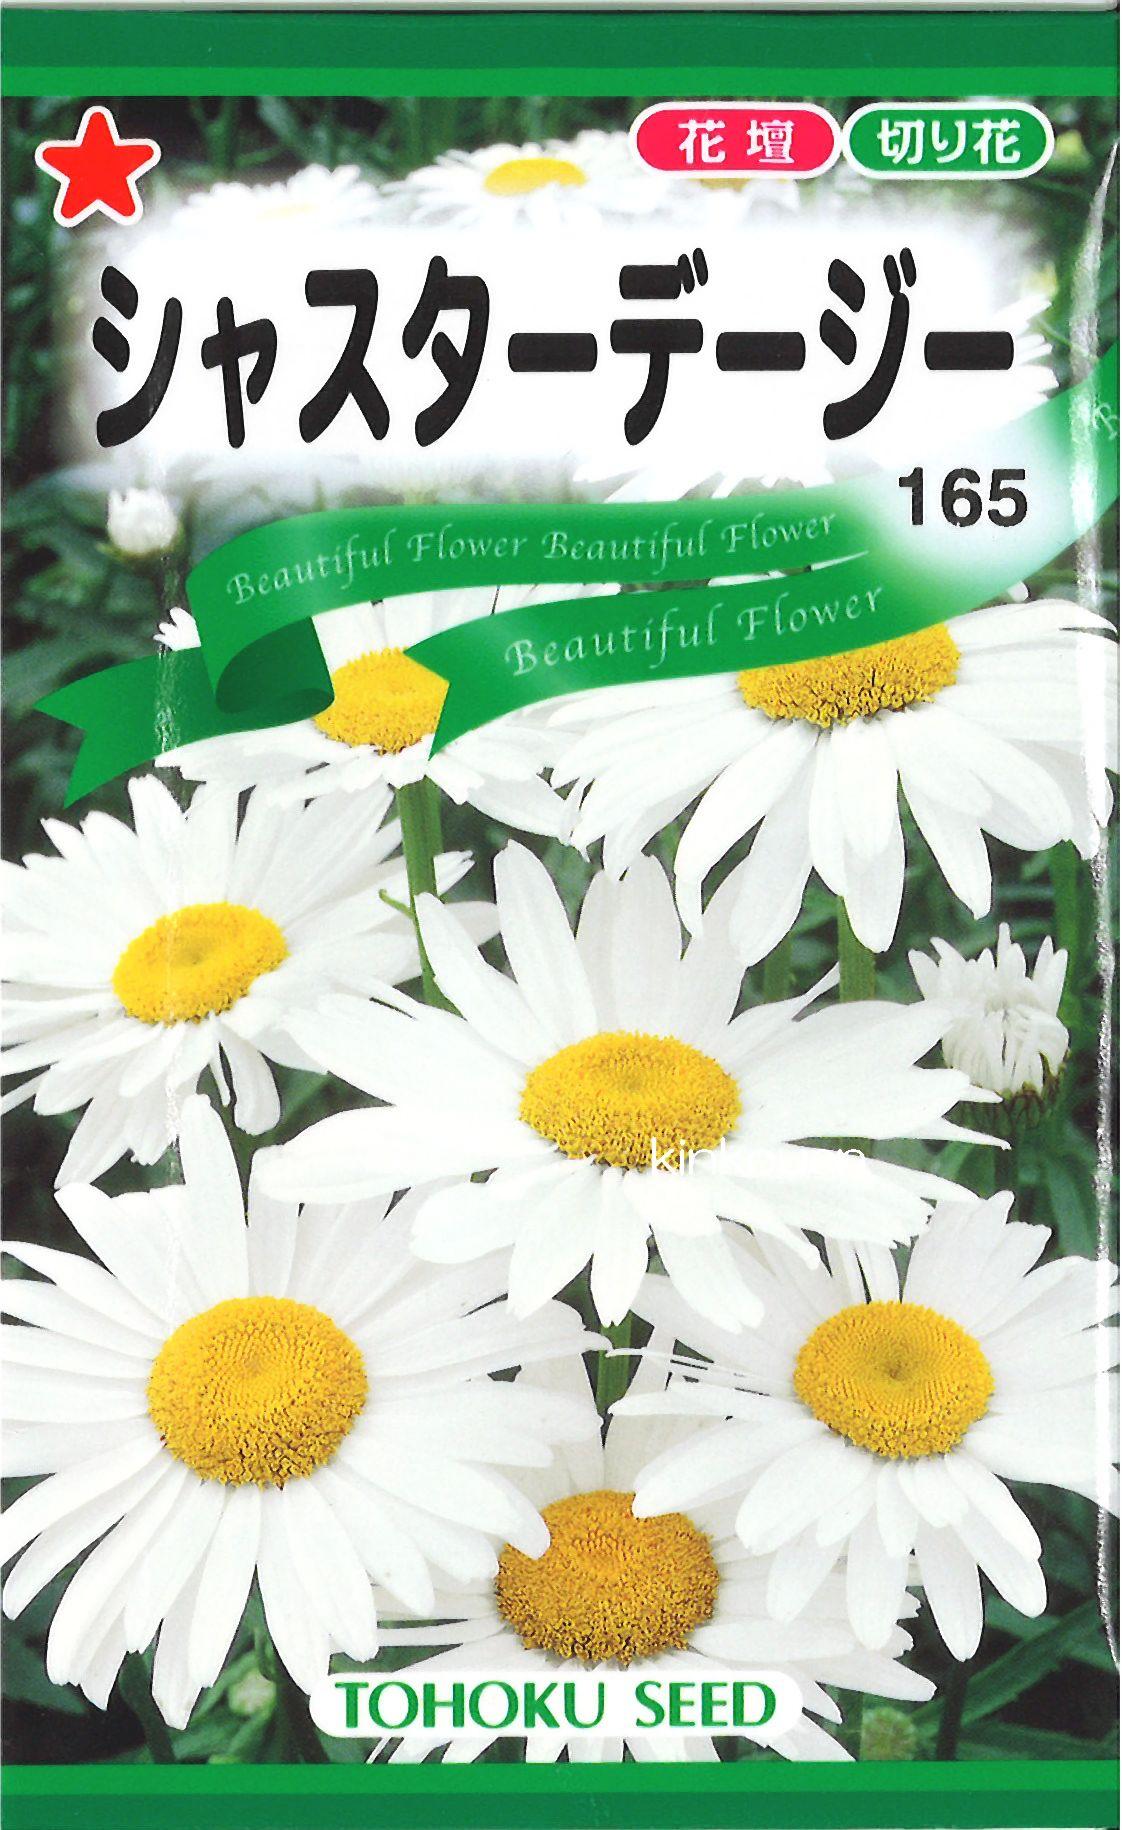 【代引不可】【5袋まで送料80円】 □シャスターデージー